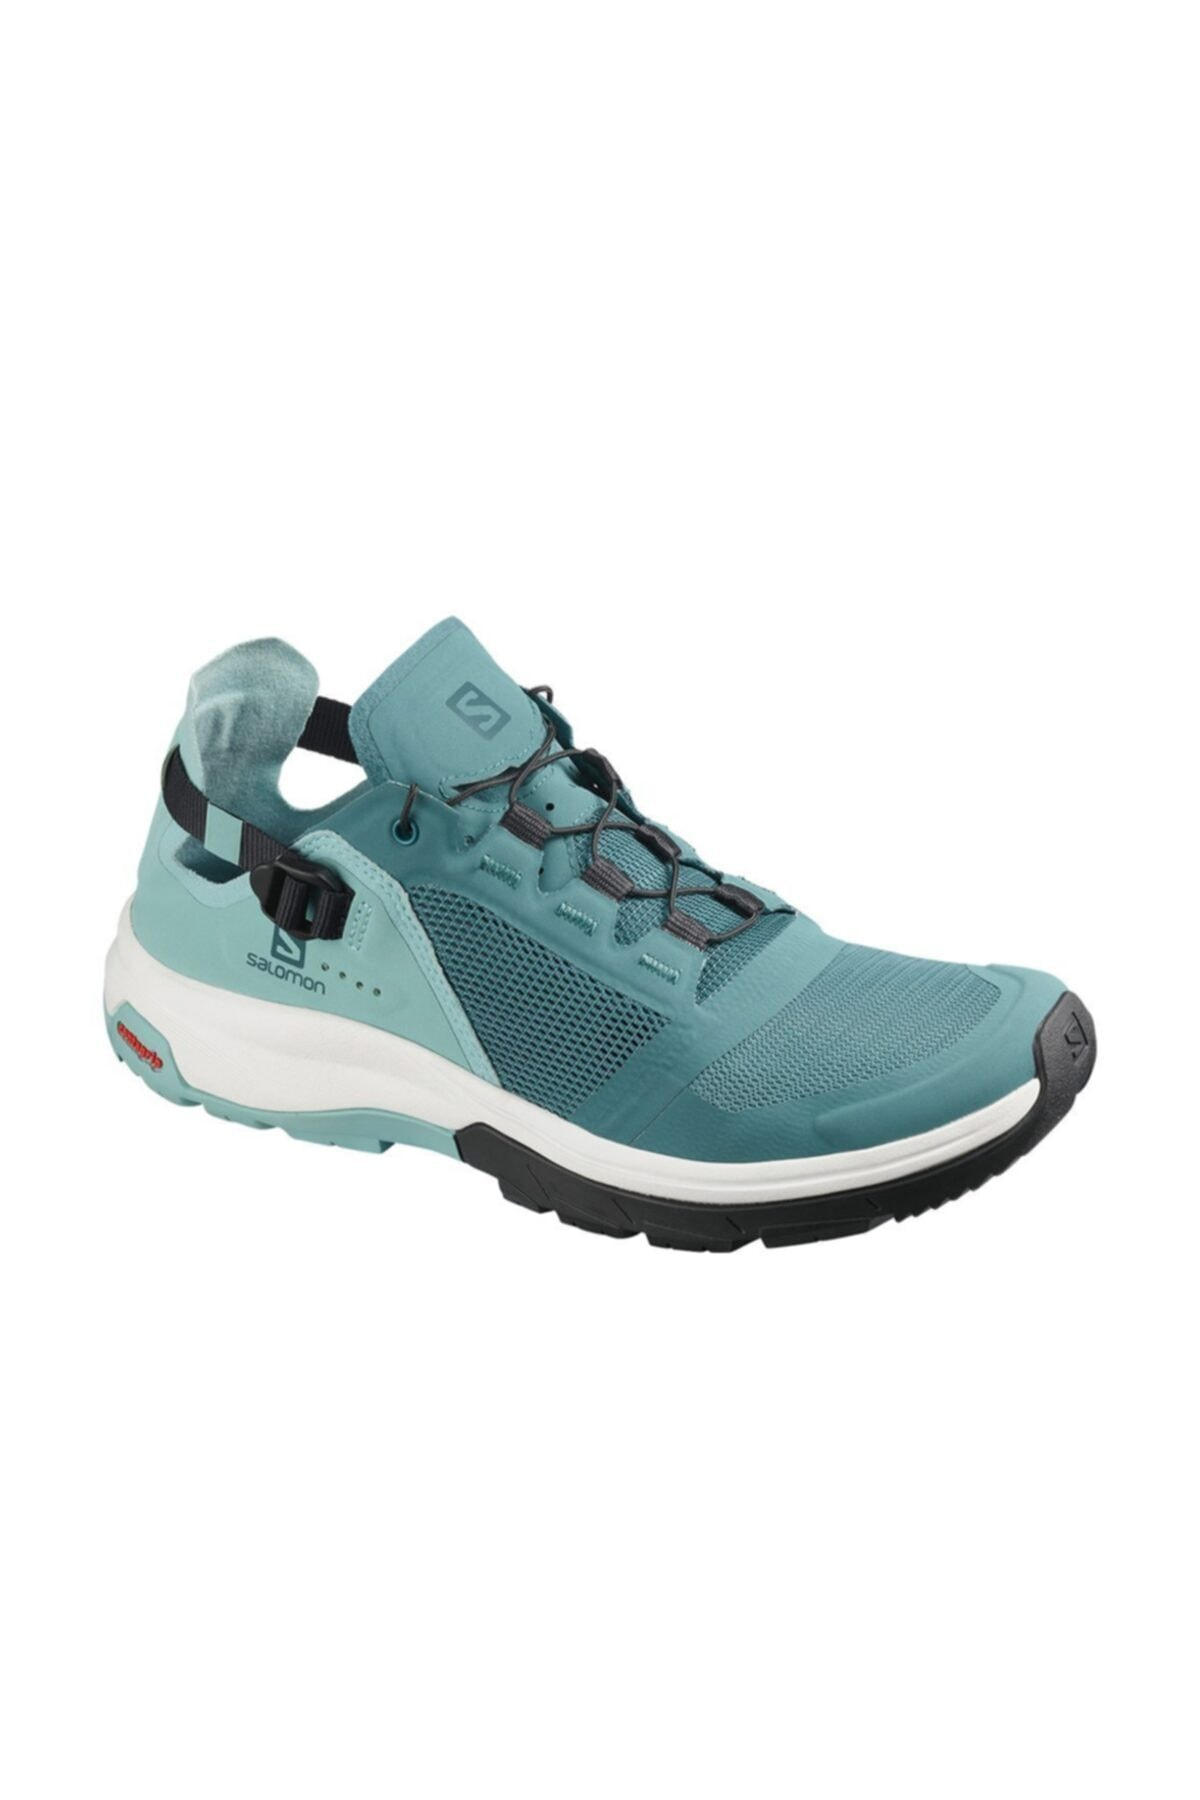 خرید کفش کوهنوردی 2021 زنانه برند Salomon رنگ سبز کد ty39621467